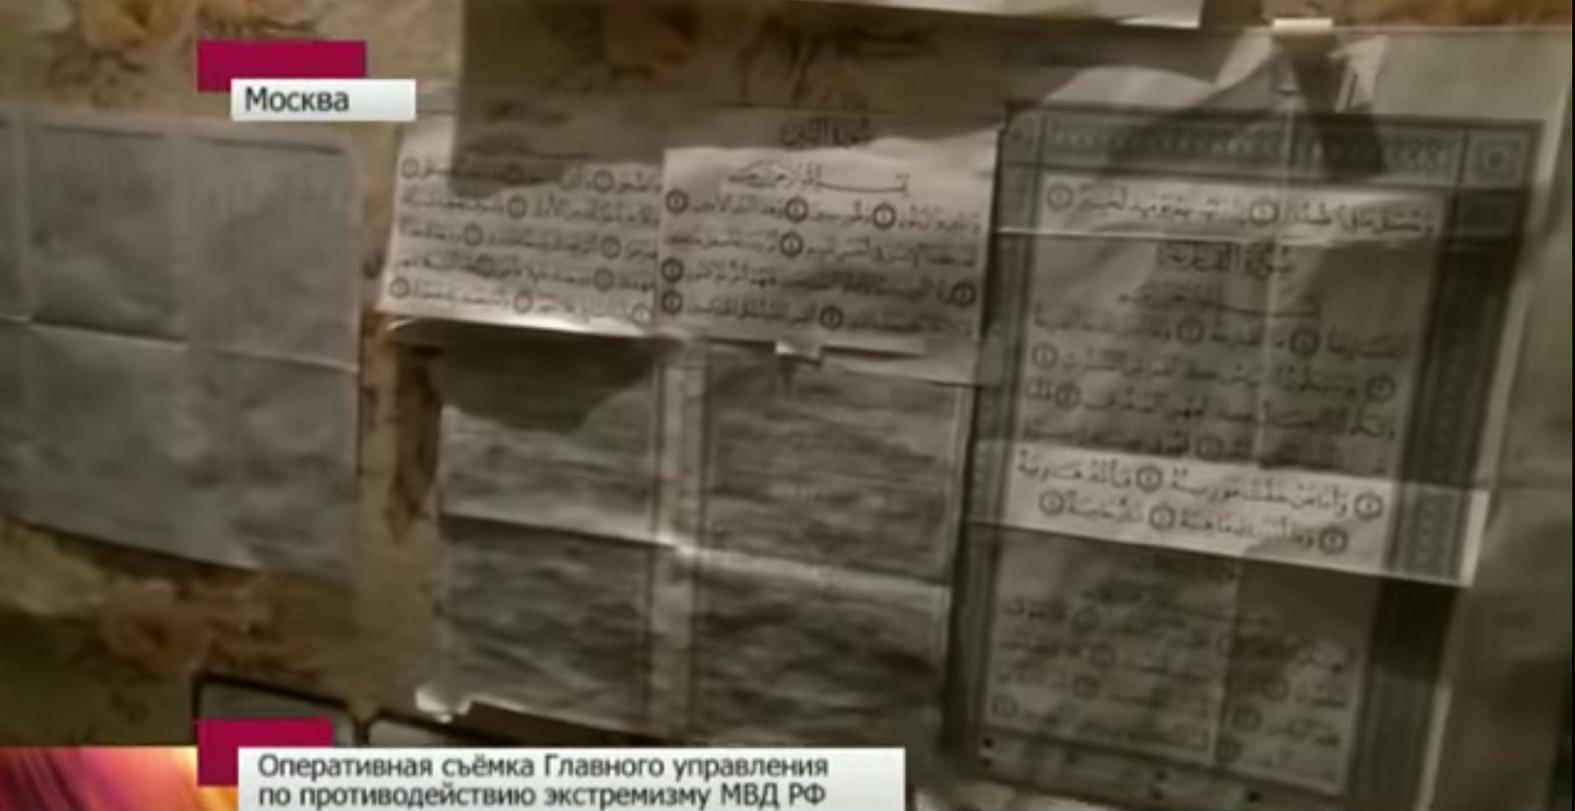 Тексты на арабском языке на стене комнаты в хостеле. Кадр оперативной съемки / Первый канал